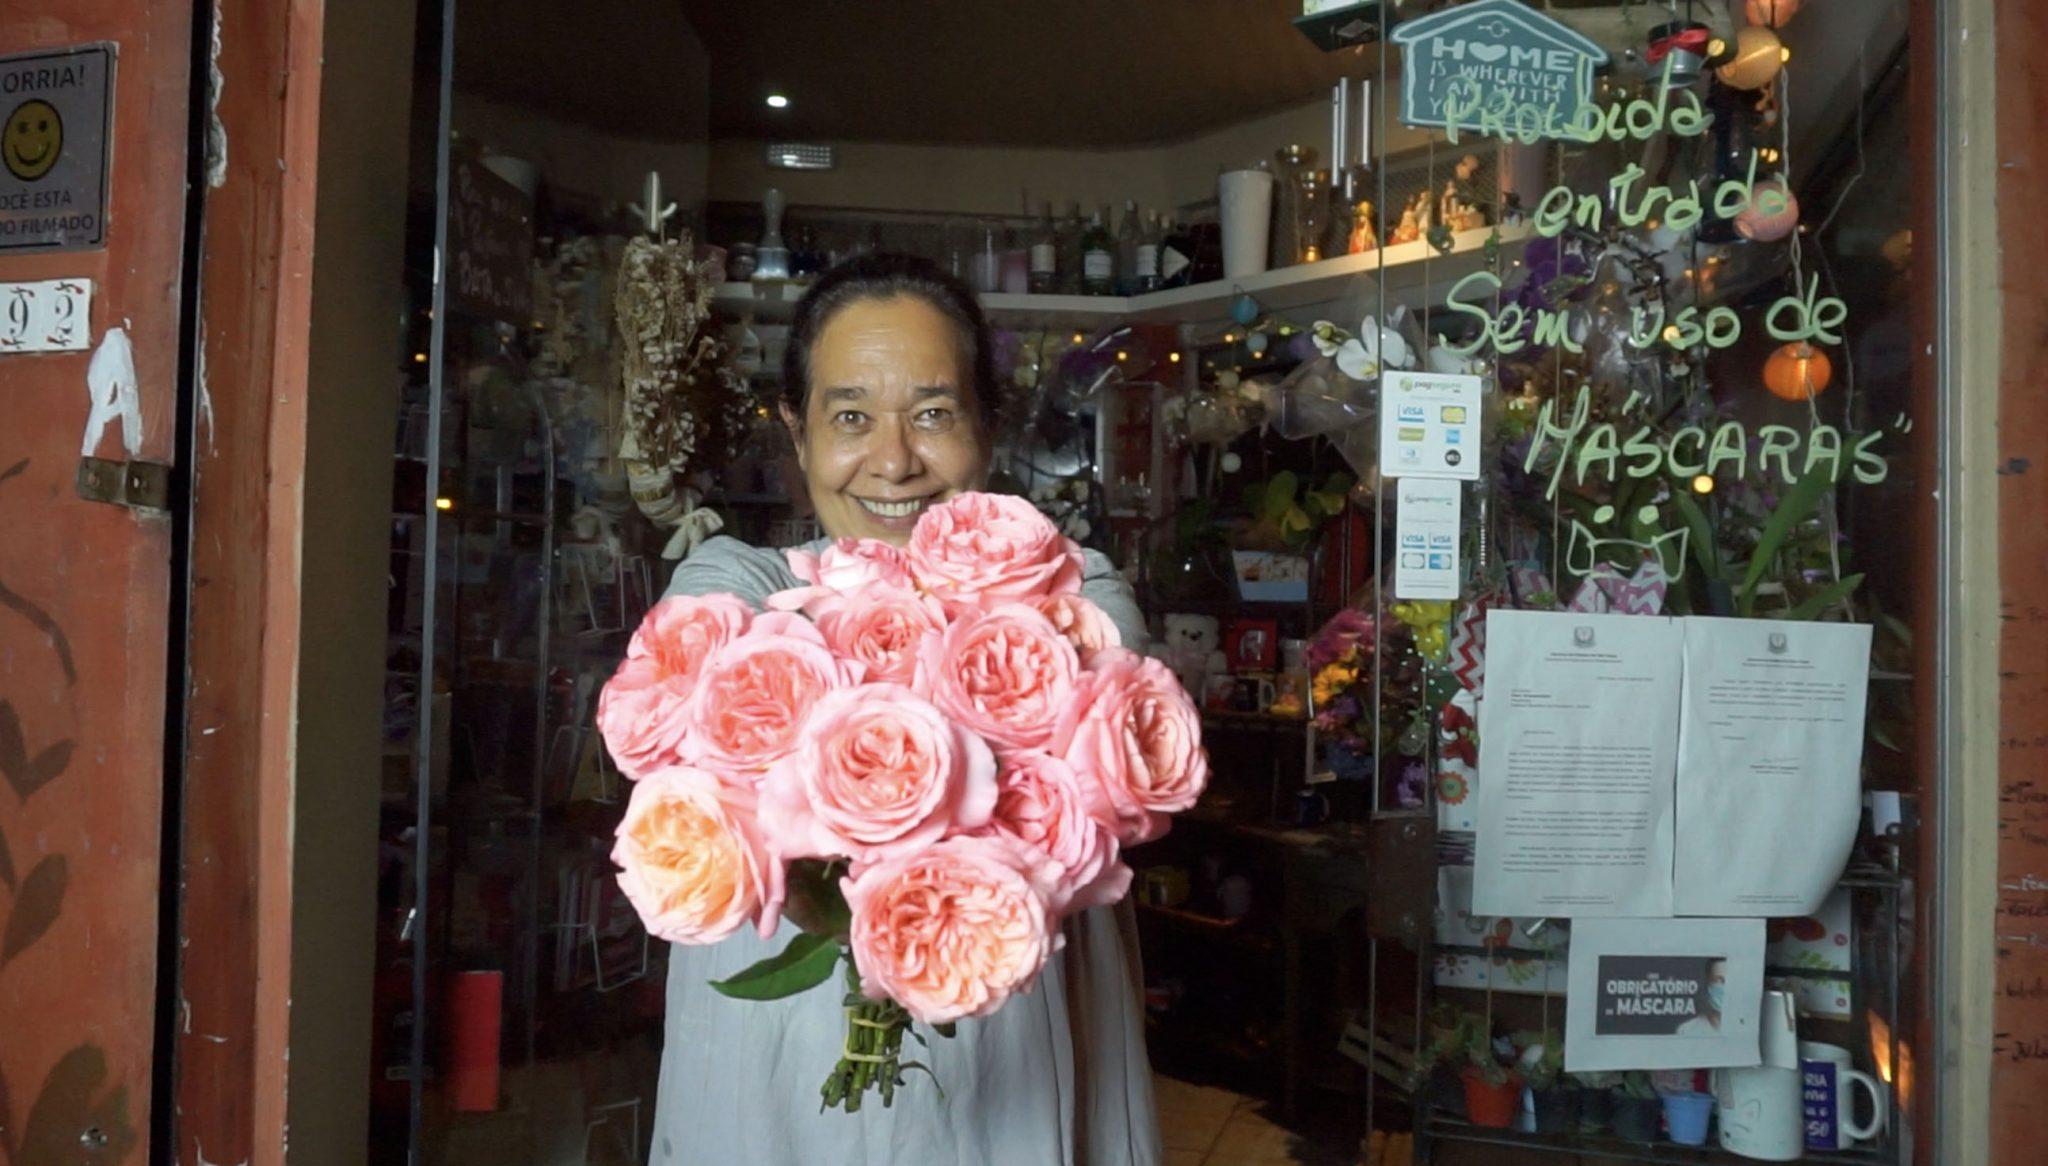 Em vez de flores, marido abre floricultura para surpreender esposa internada e transforma suas vidas 5